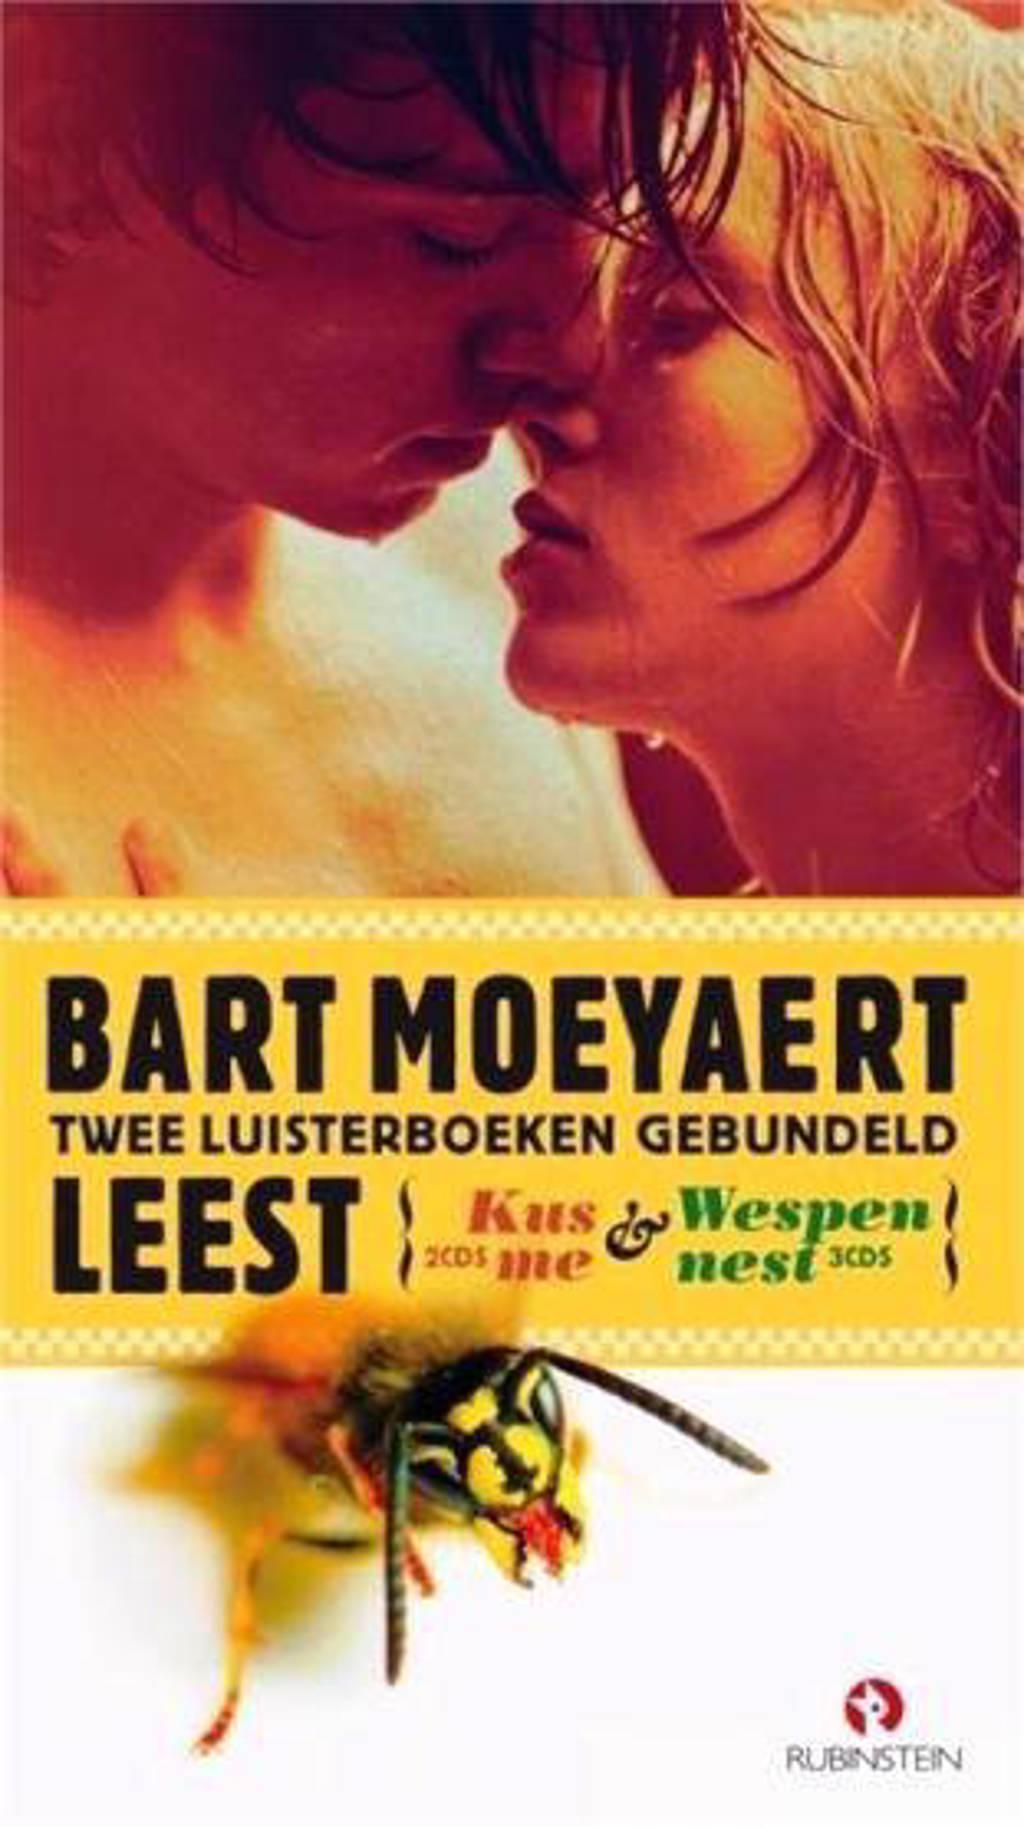 Bart Moeyaert - Kus Me & Wespennest (CD)